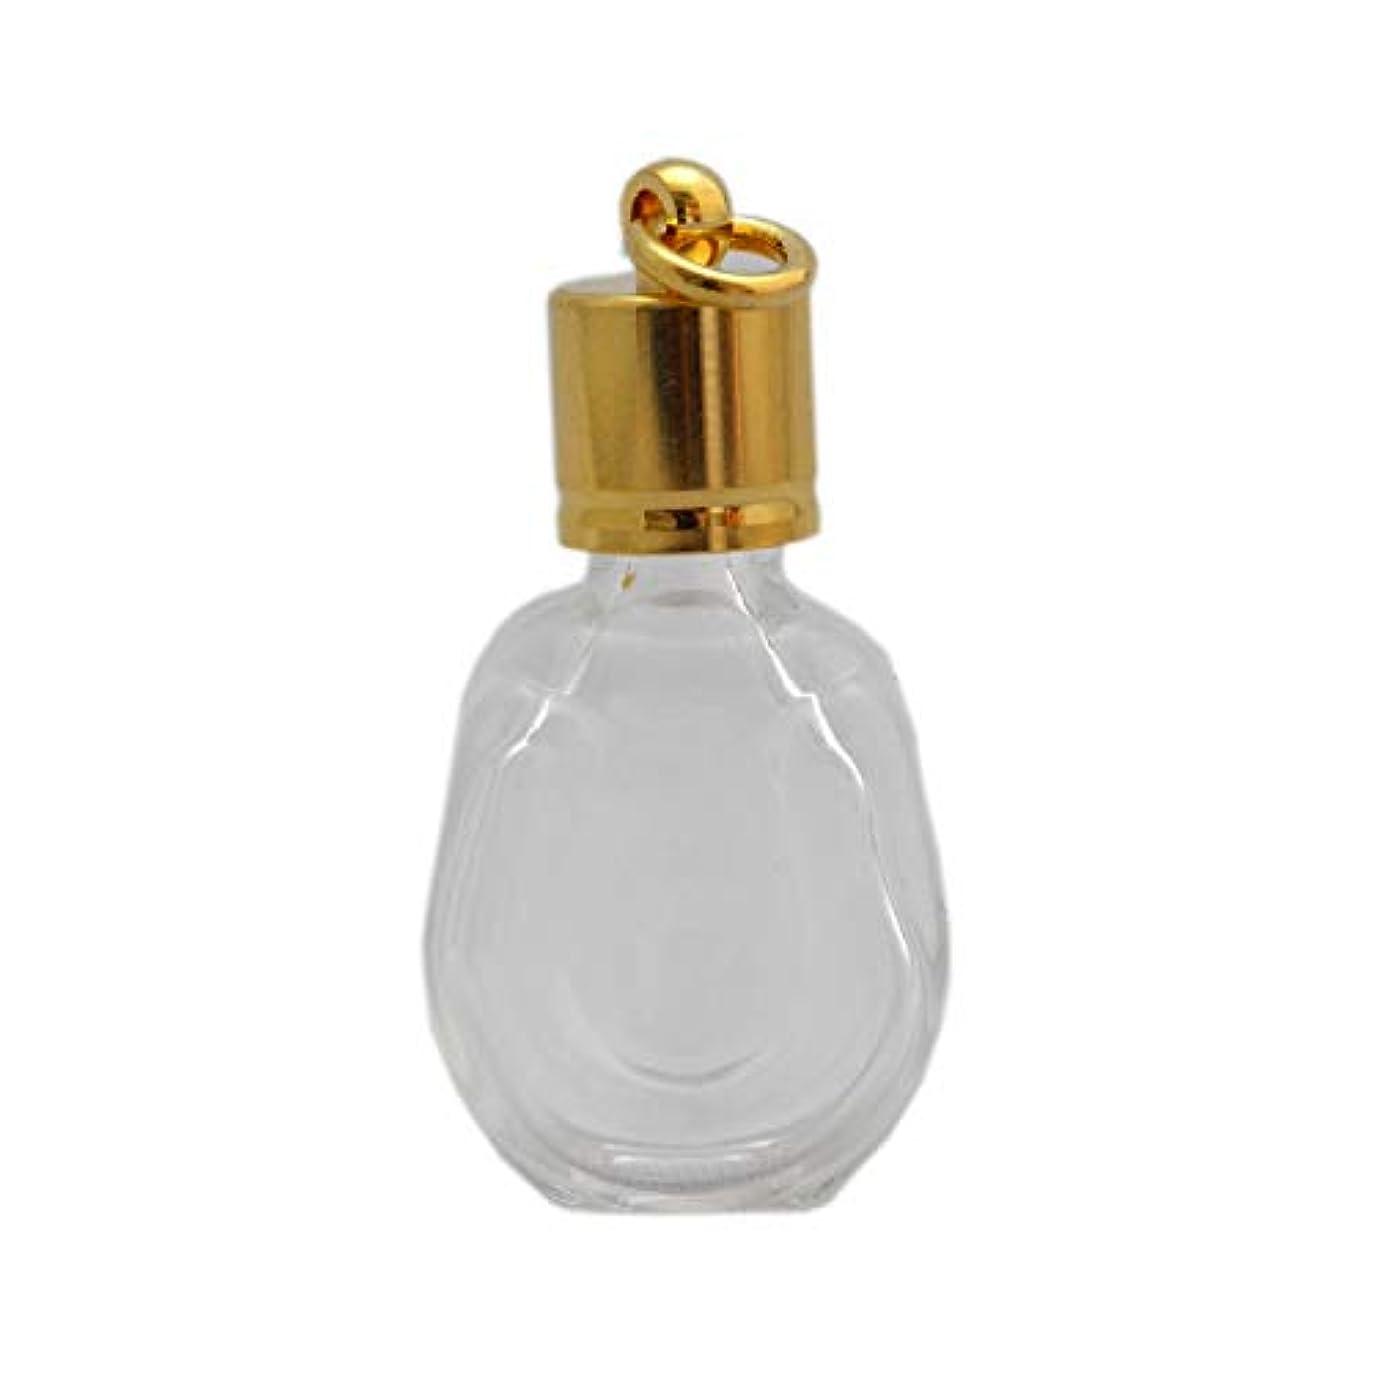 硬さ白鳥浴ミニ香水瓶 アロマペンダントトップ 馬蹄型(透明 容量1.3ml)×穴あきキャップ ゴールド